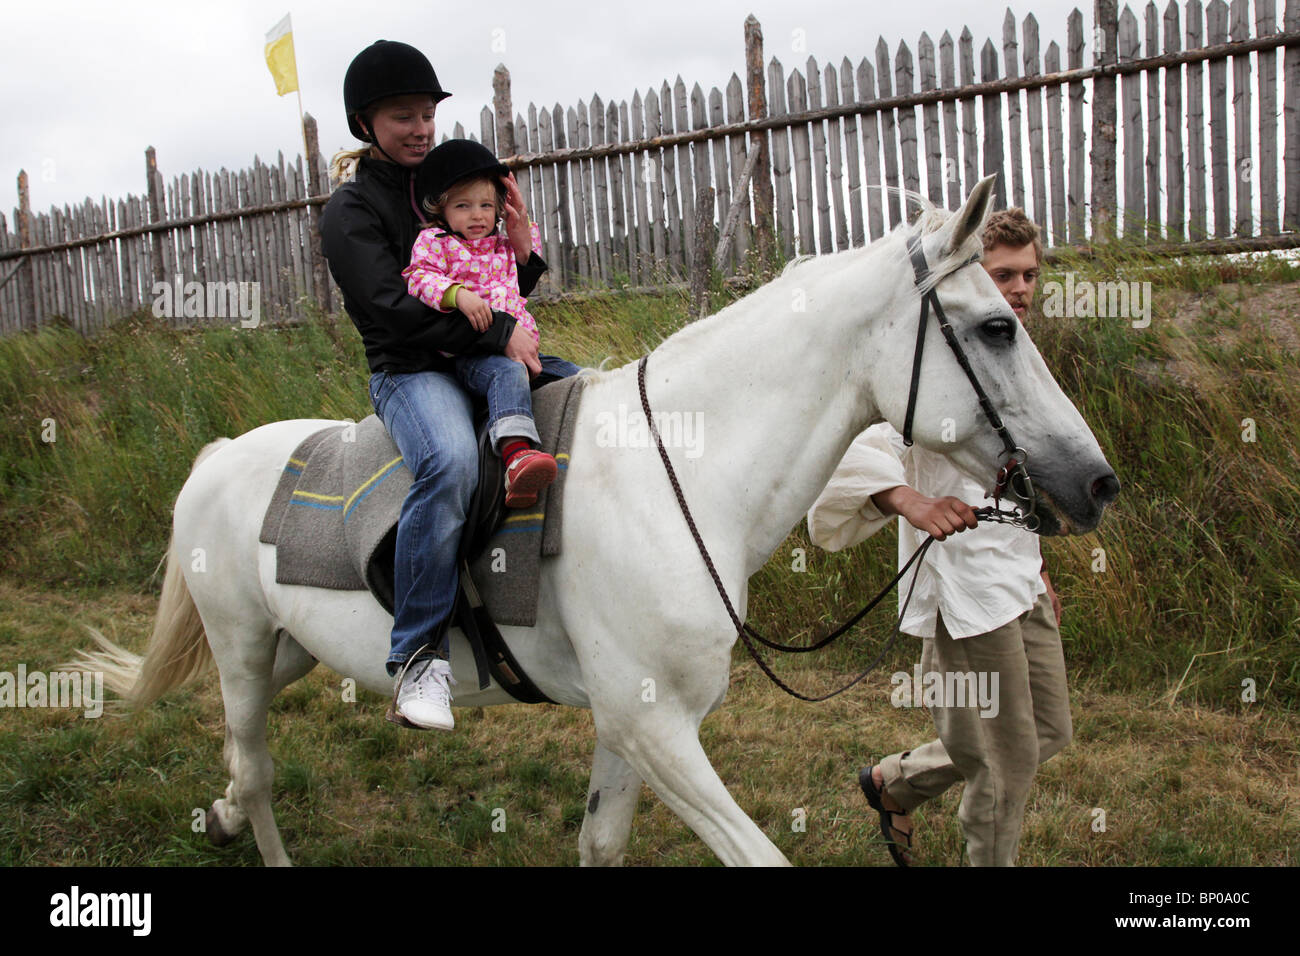 Children's horse trip at Finland's biggest Viking Market Festival at Kvarnbo on Åland archipelago - Stock Image